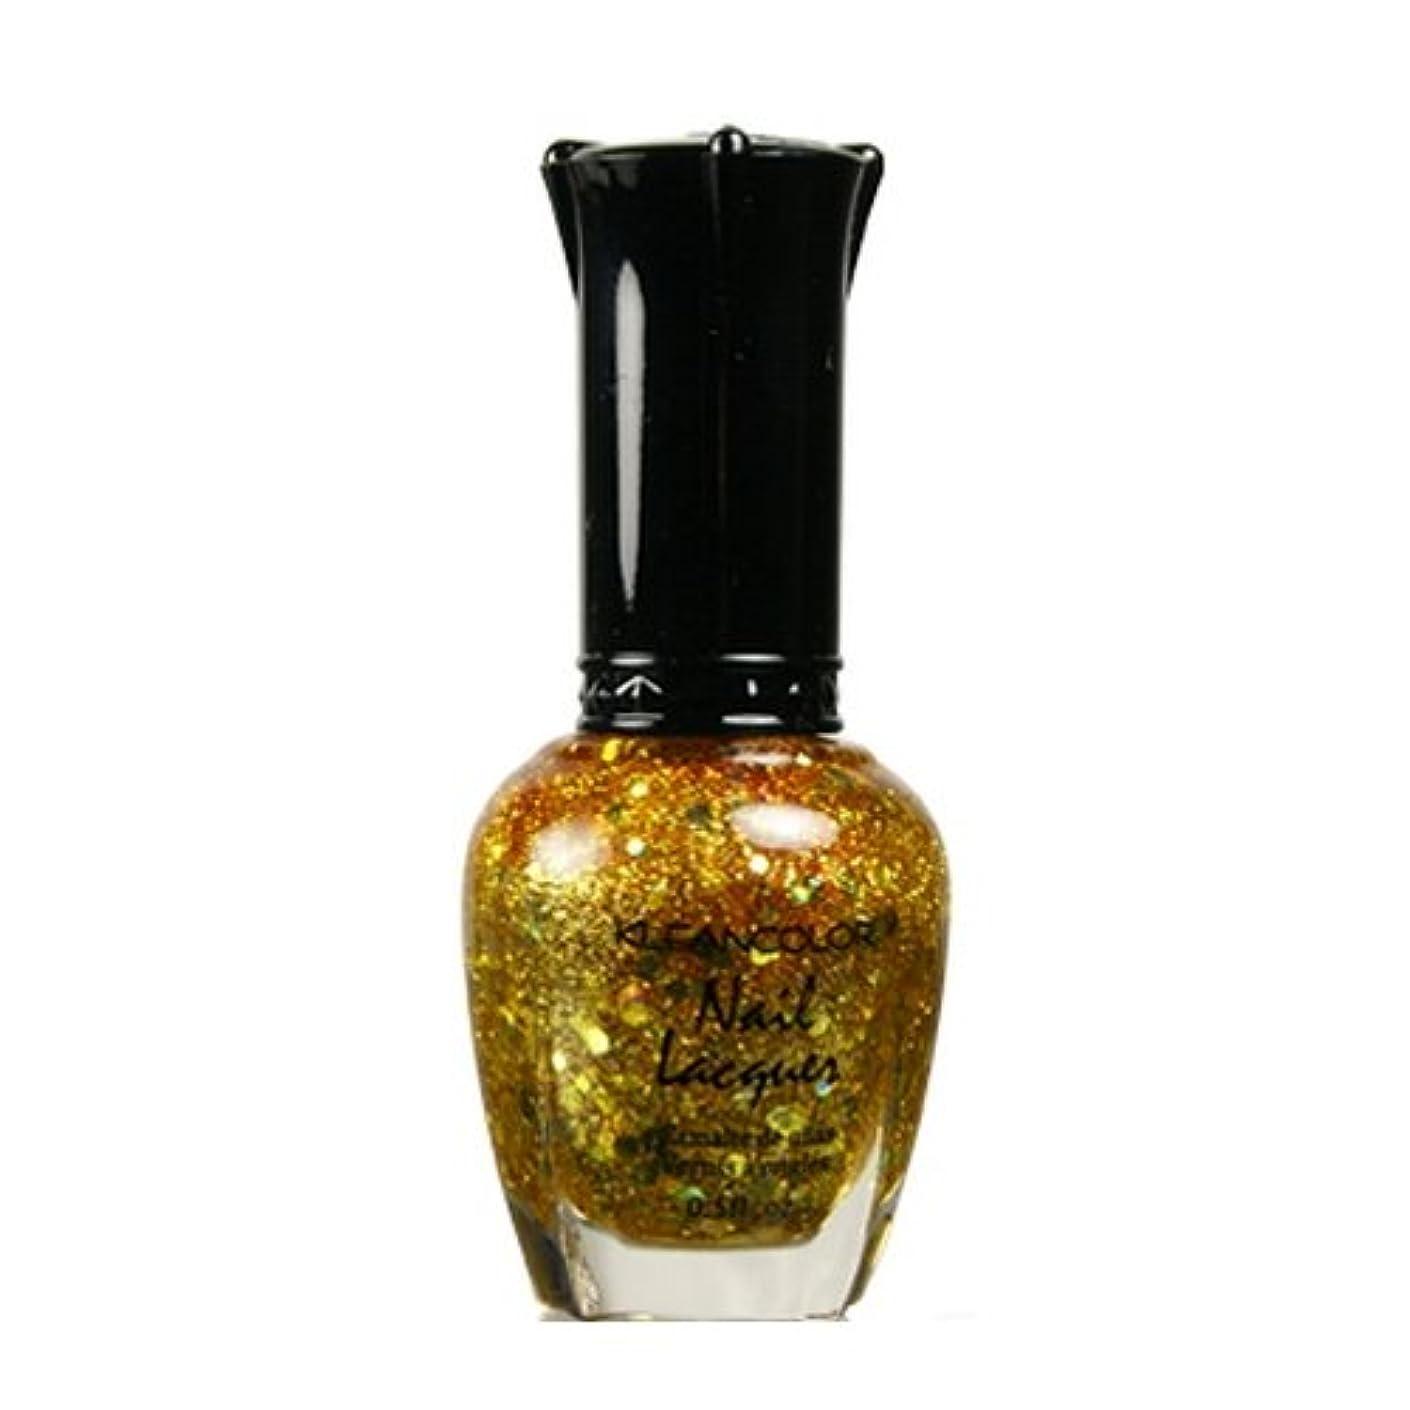 期限切れブランド名ロック(3 Pack) KLEANCOLOR Nail Lacquer 4 - Gold Caviar (並行輸入品)